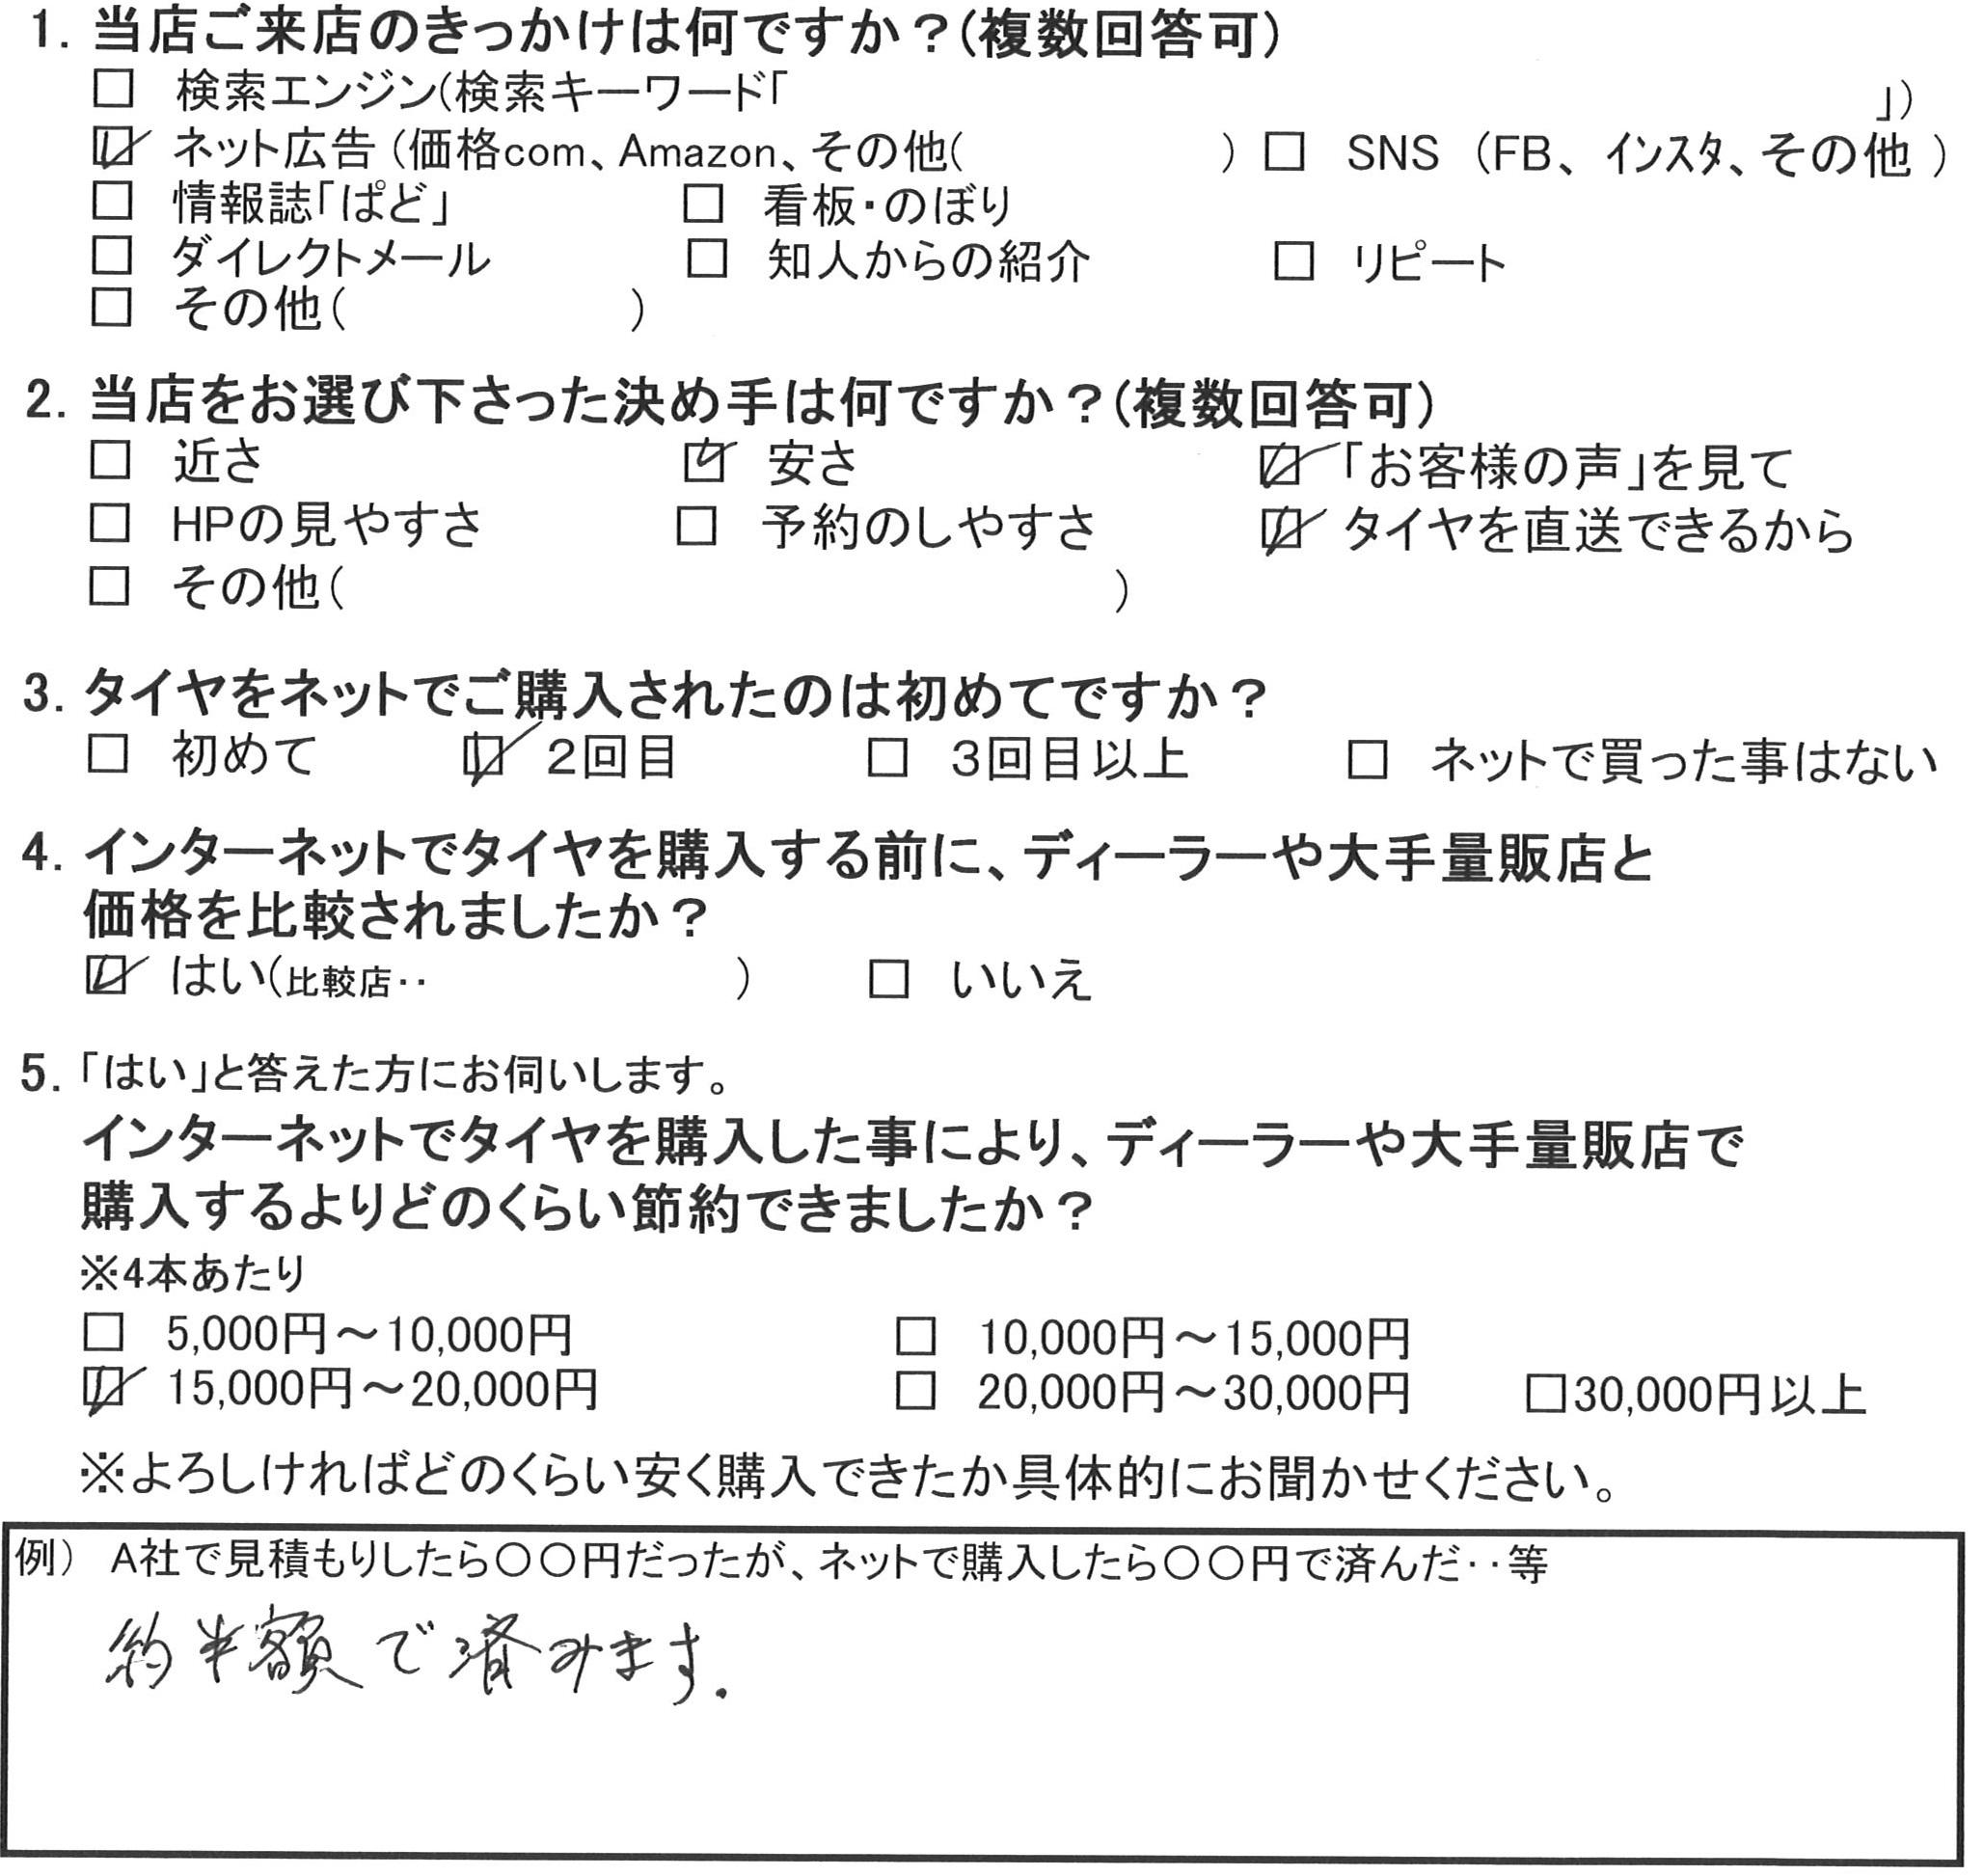 藤沢市Y様 アウディのタイヤ交換で約半額のお得